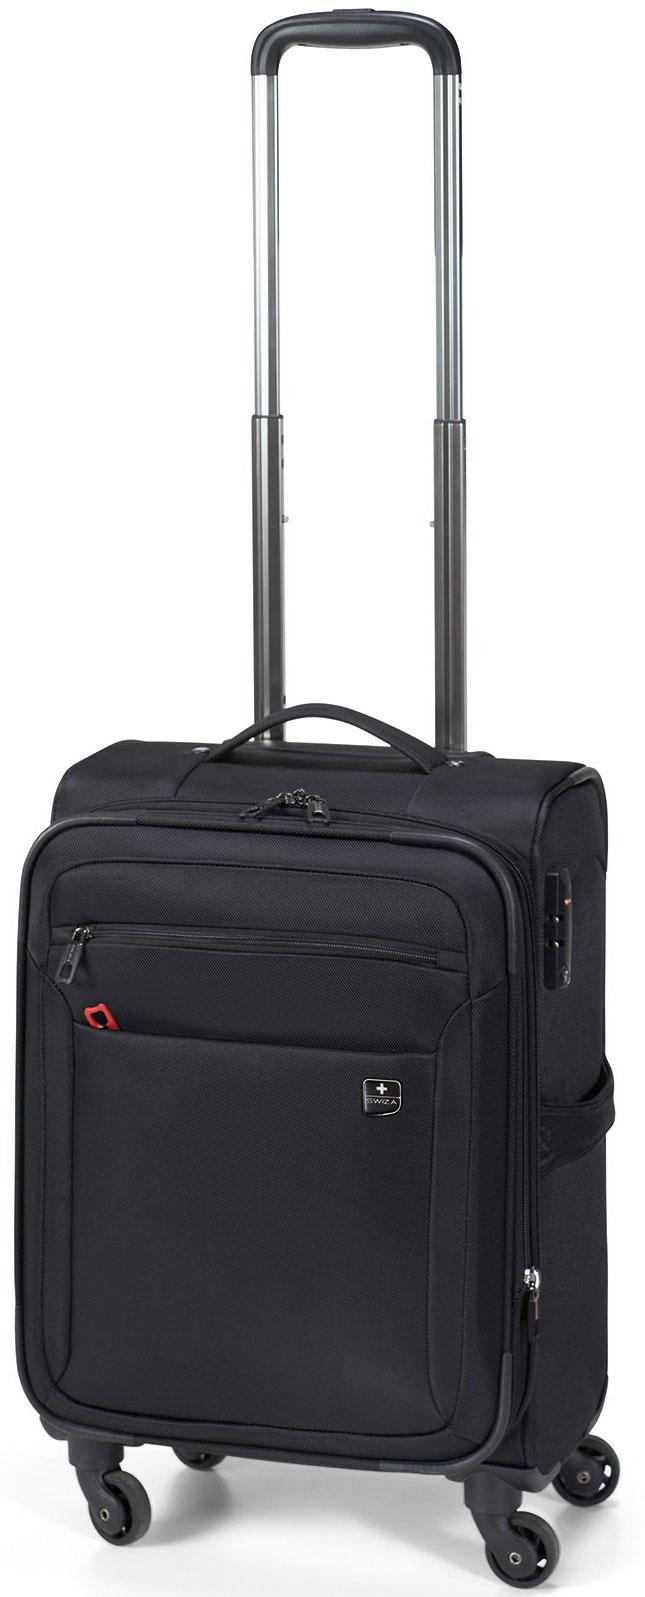 Чемодан SWIZA Eventual 20, цвет: черный, 54 х 36 х 23 смLSS.1000.01 Стильный мягкий небольшой чемоданчик EVENTUAL подходит для ручной клади любого авиа перевозчика. Обеспечивая достаточно места для вещей для 2-3-х дневного путешествия со всеми наружными и внутренними карманами. С его колесиками, движущимися в разных направлениях, гарантируется легкая маневренность